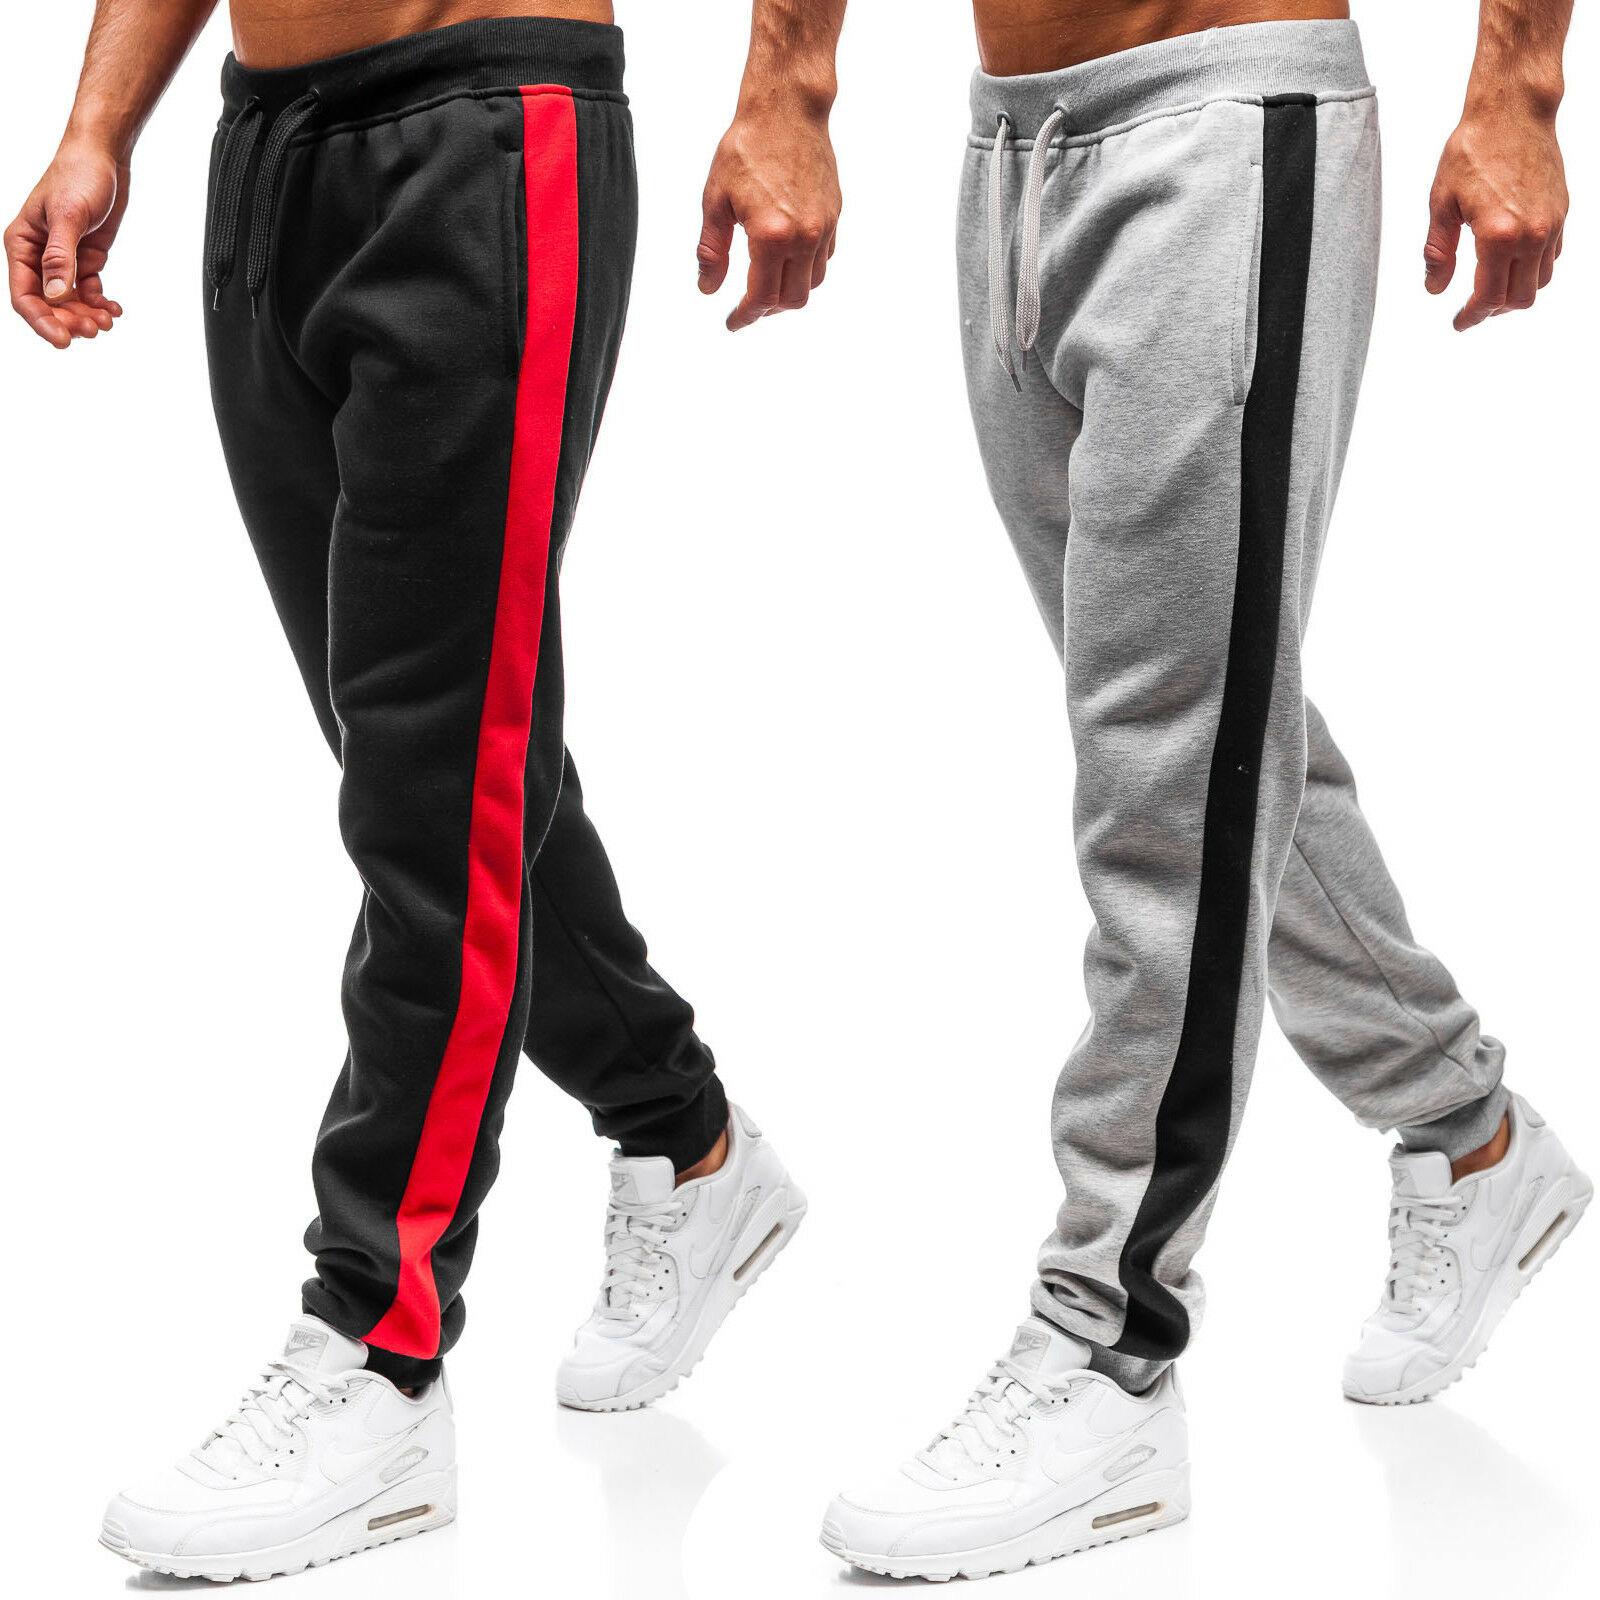 1029.72руб. 35% СКИДКА|Брюки мужские 2020 новые мужские спортивные брюки повседневные Лоскутные свободные мужские брюки|Повседневные брюки| |  - AliExpress